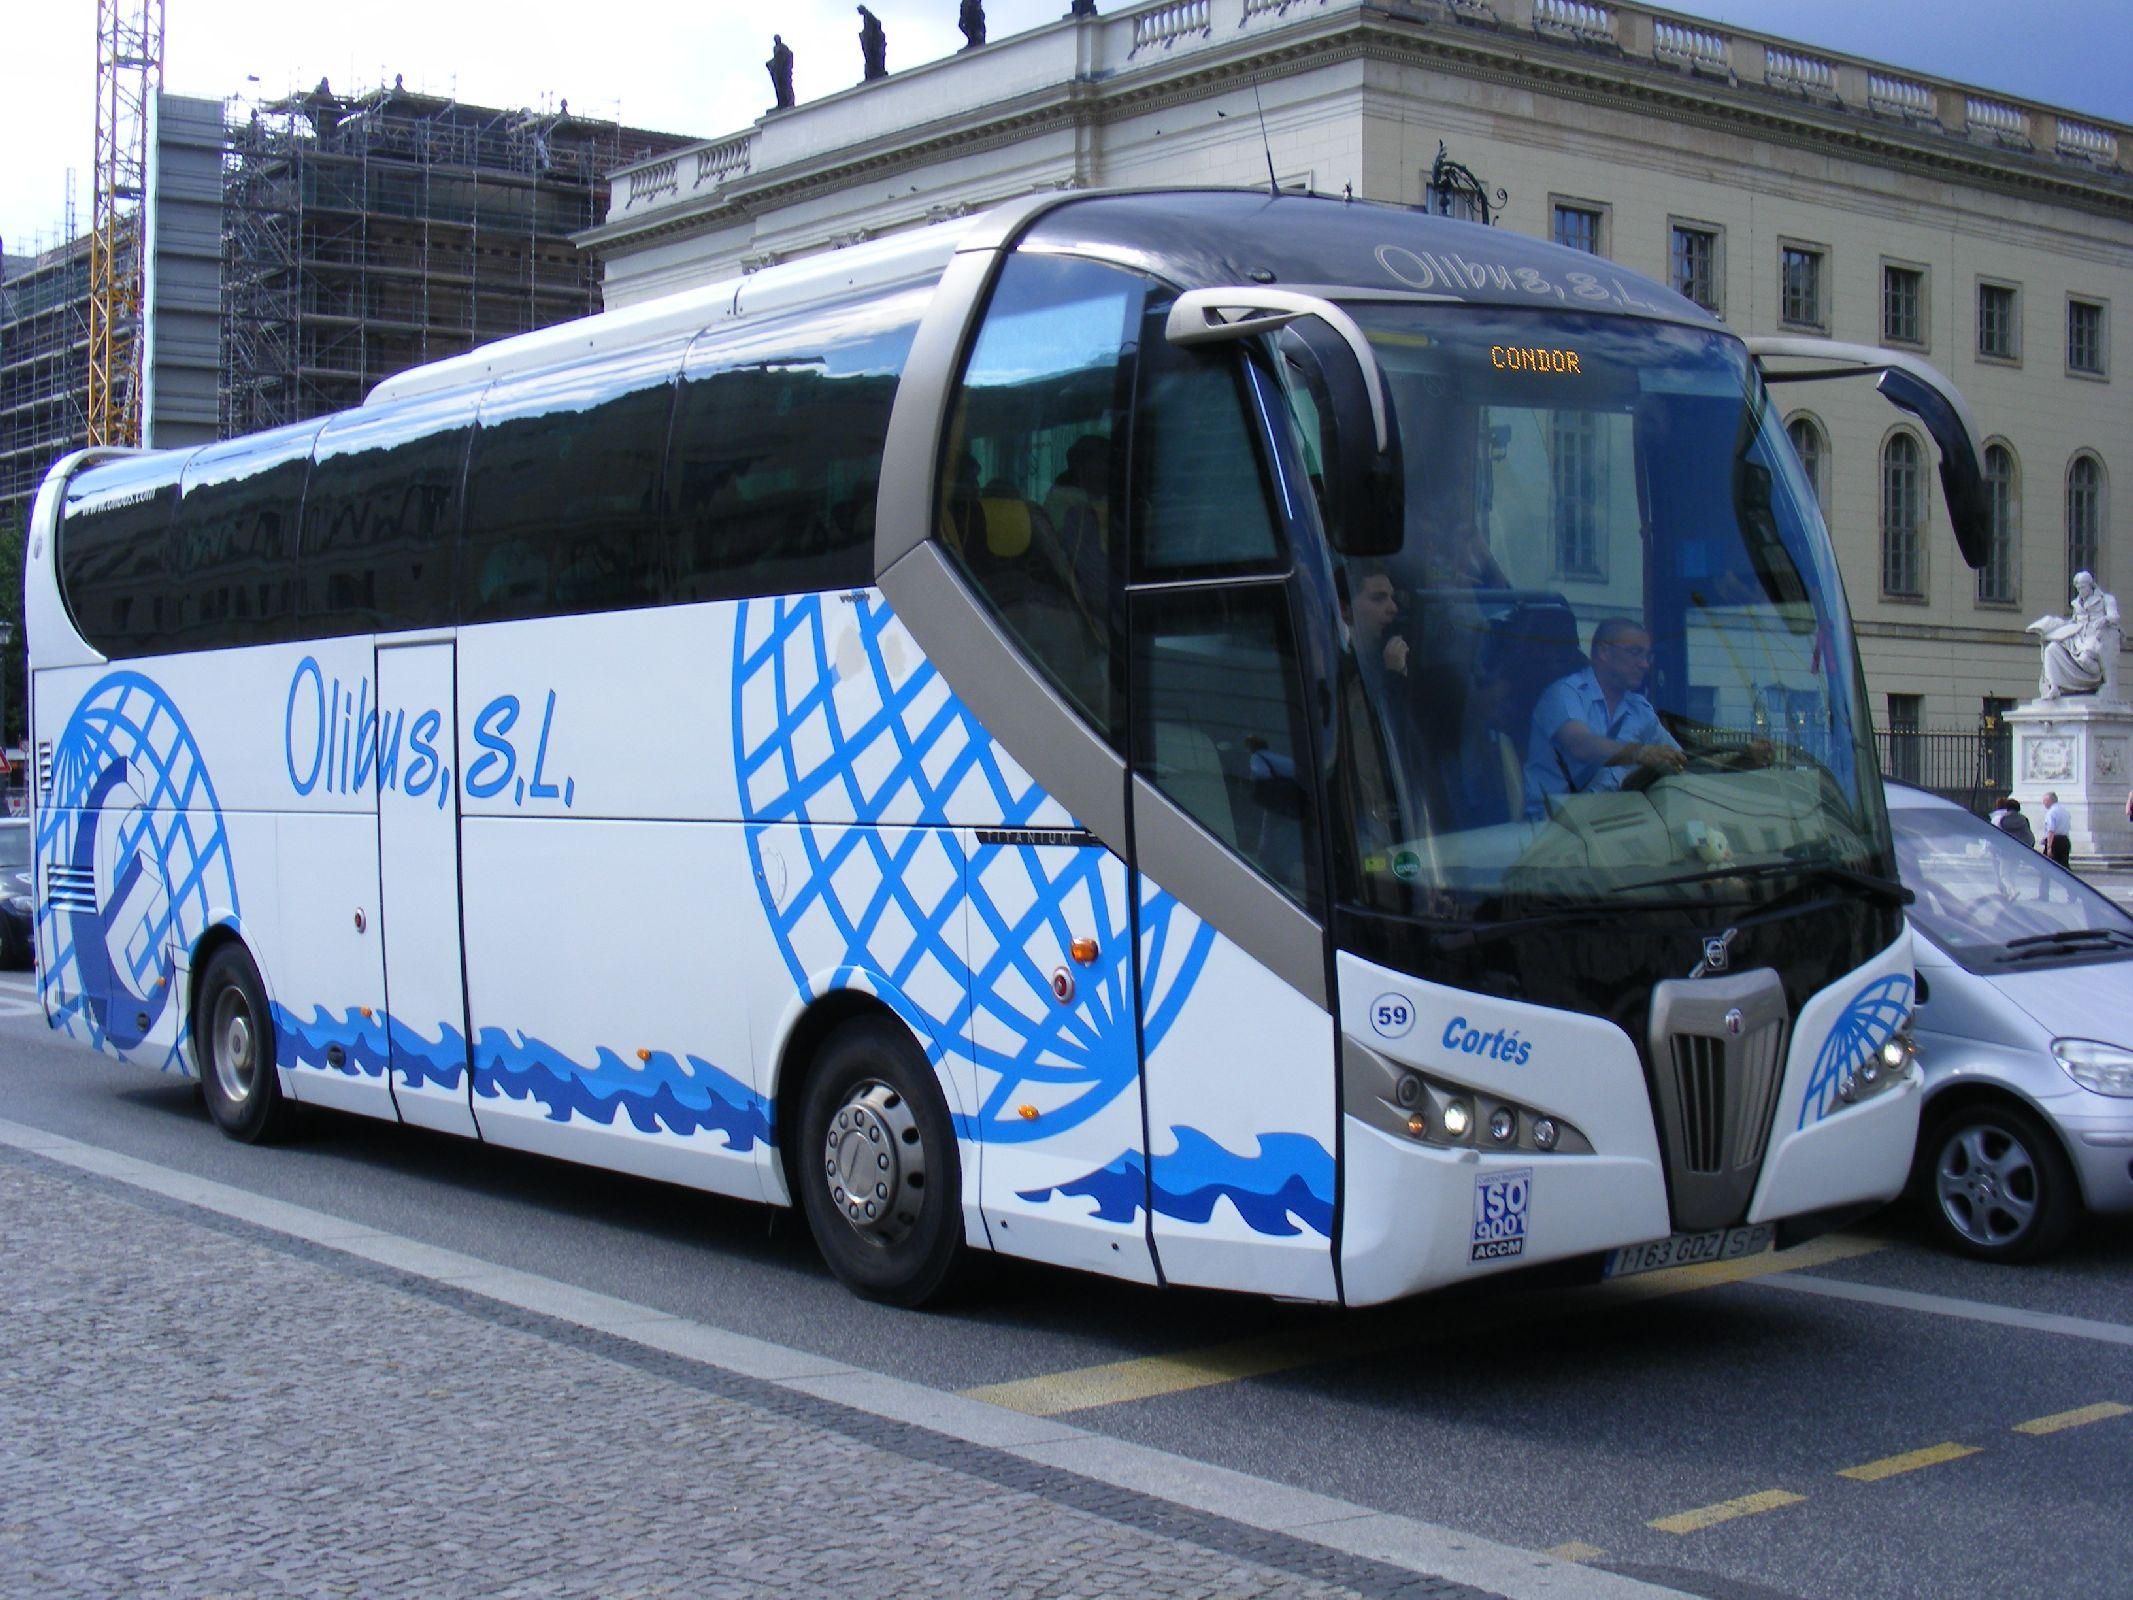 File:1163 GDZ Olibus SL, Spain Volvo - Noge Titanium - Flickr - sludgegulper